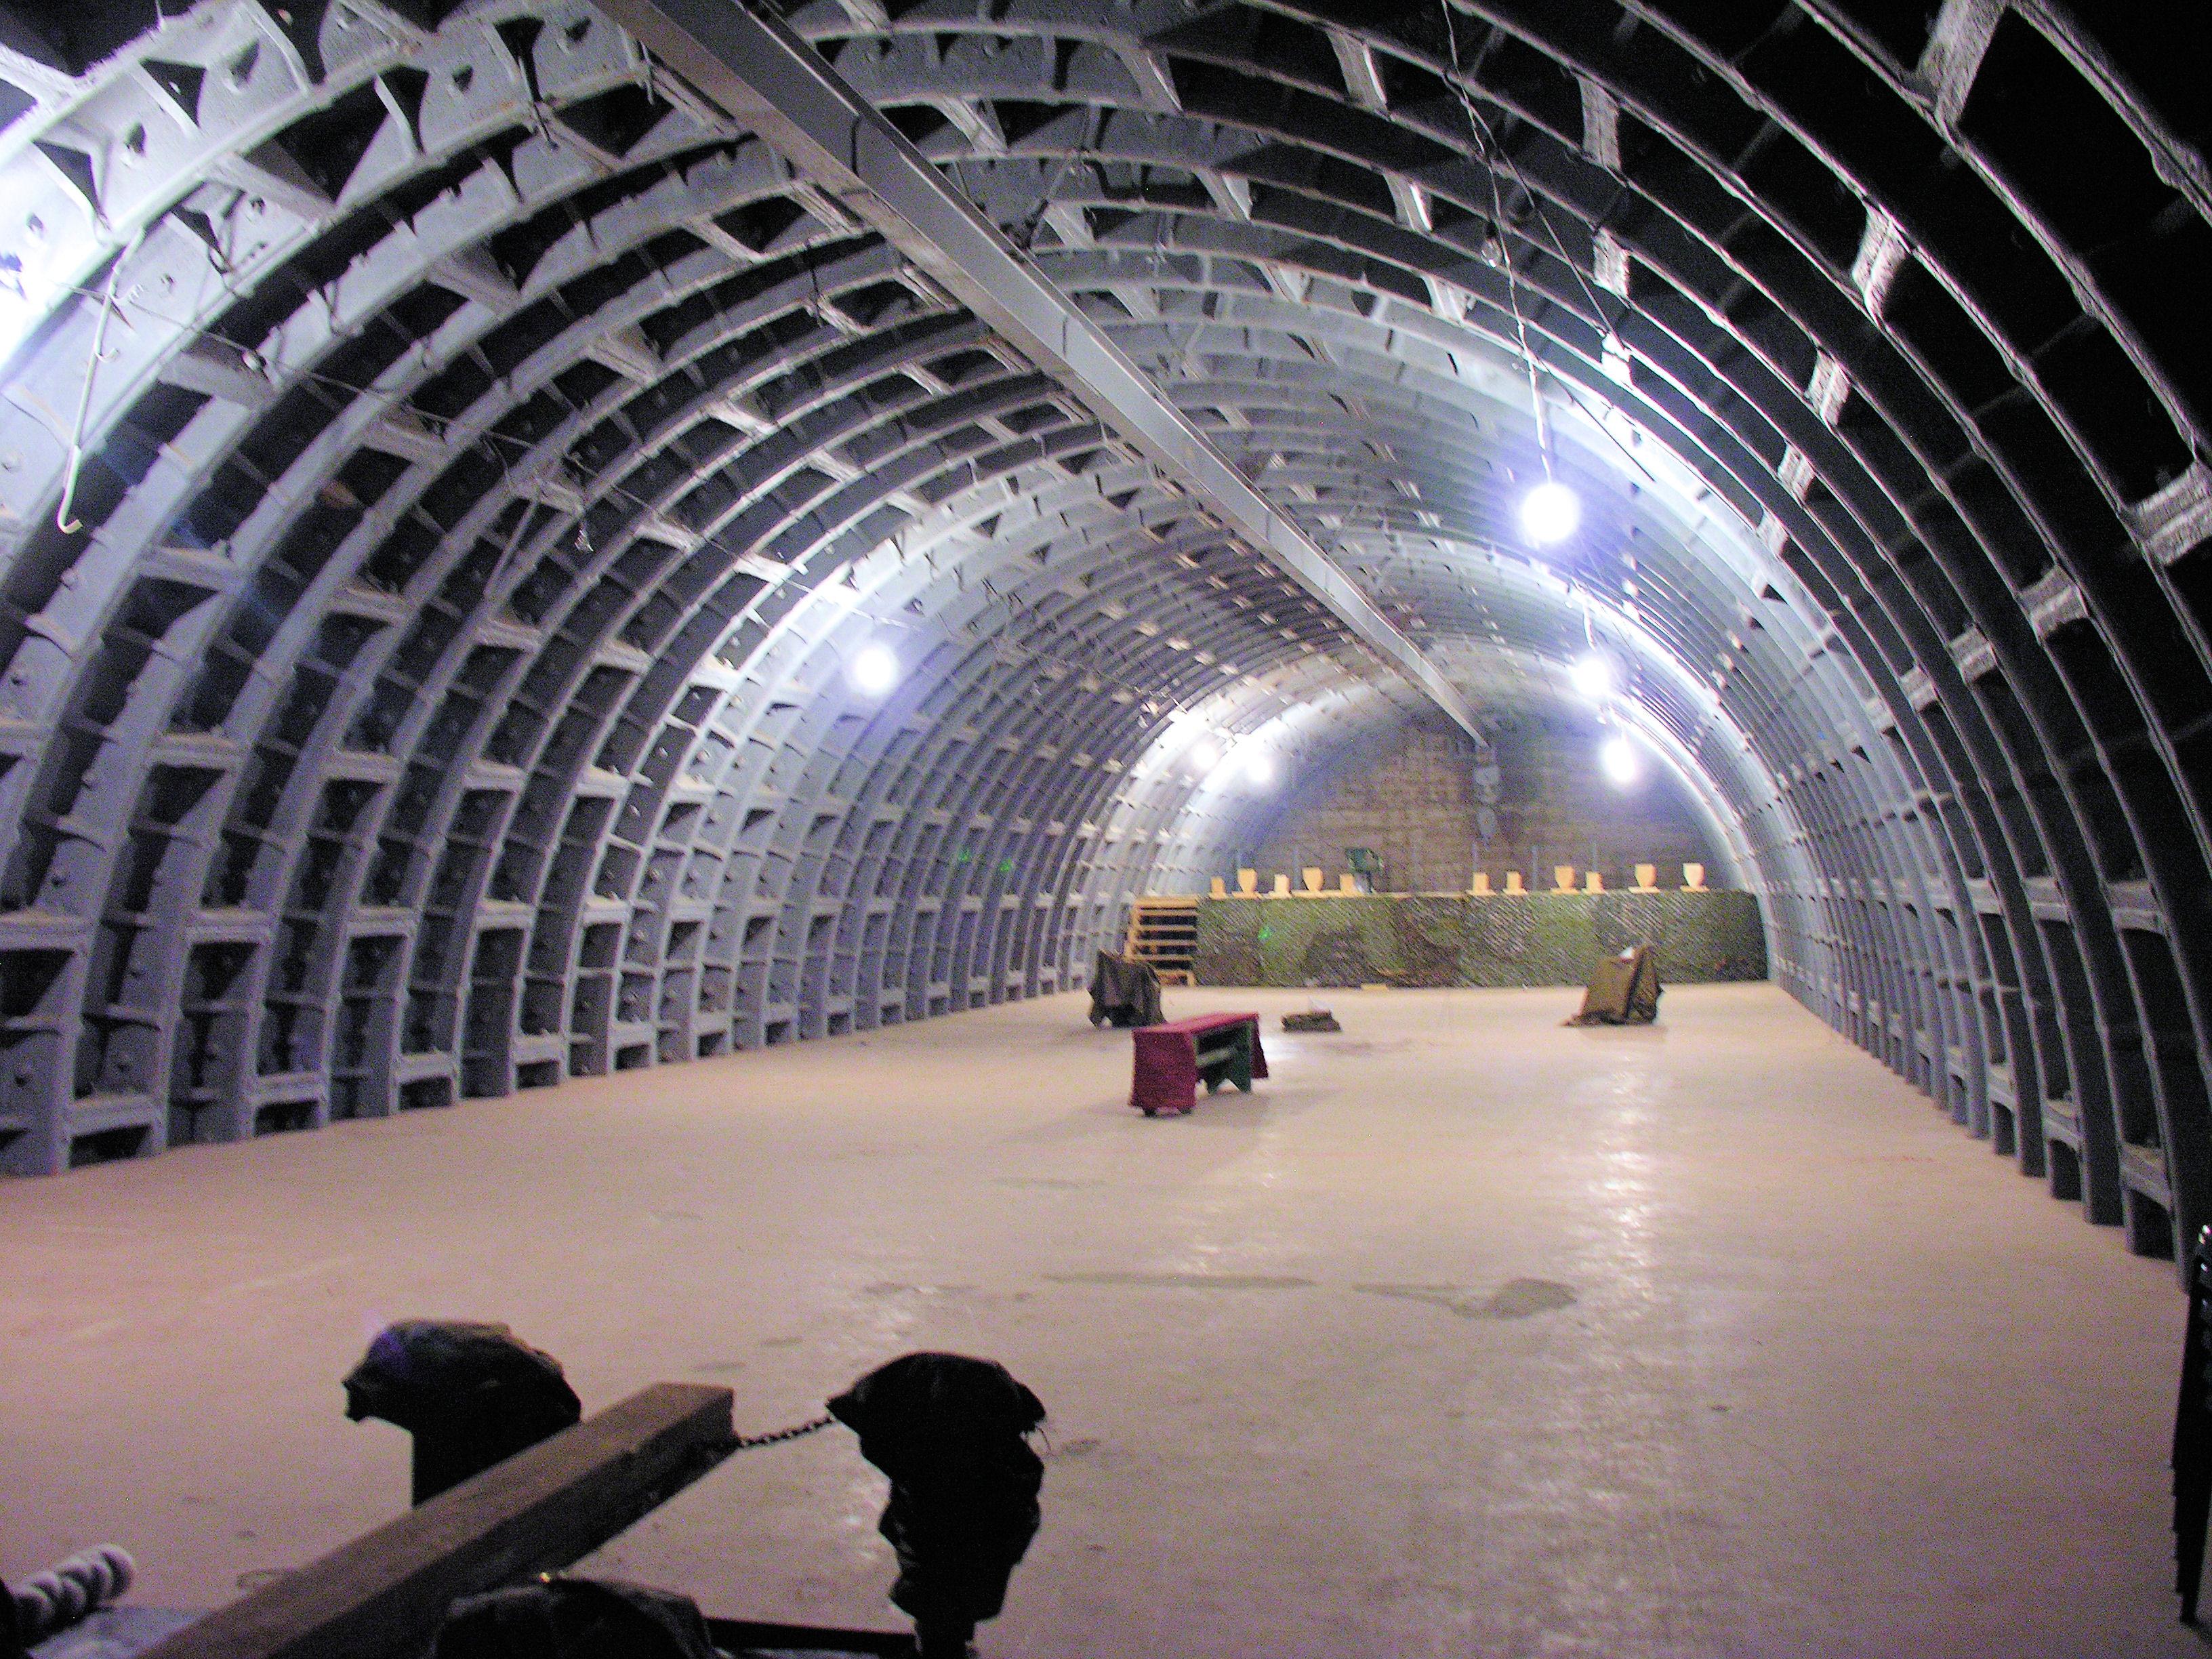 Cold War Bunker Escape Room